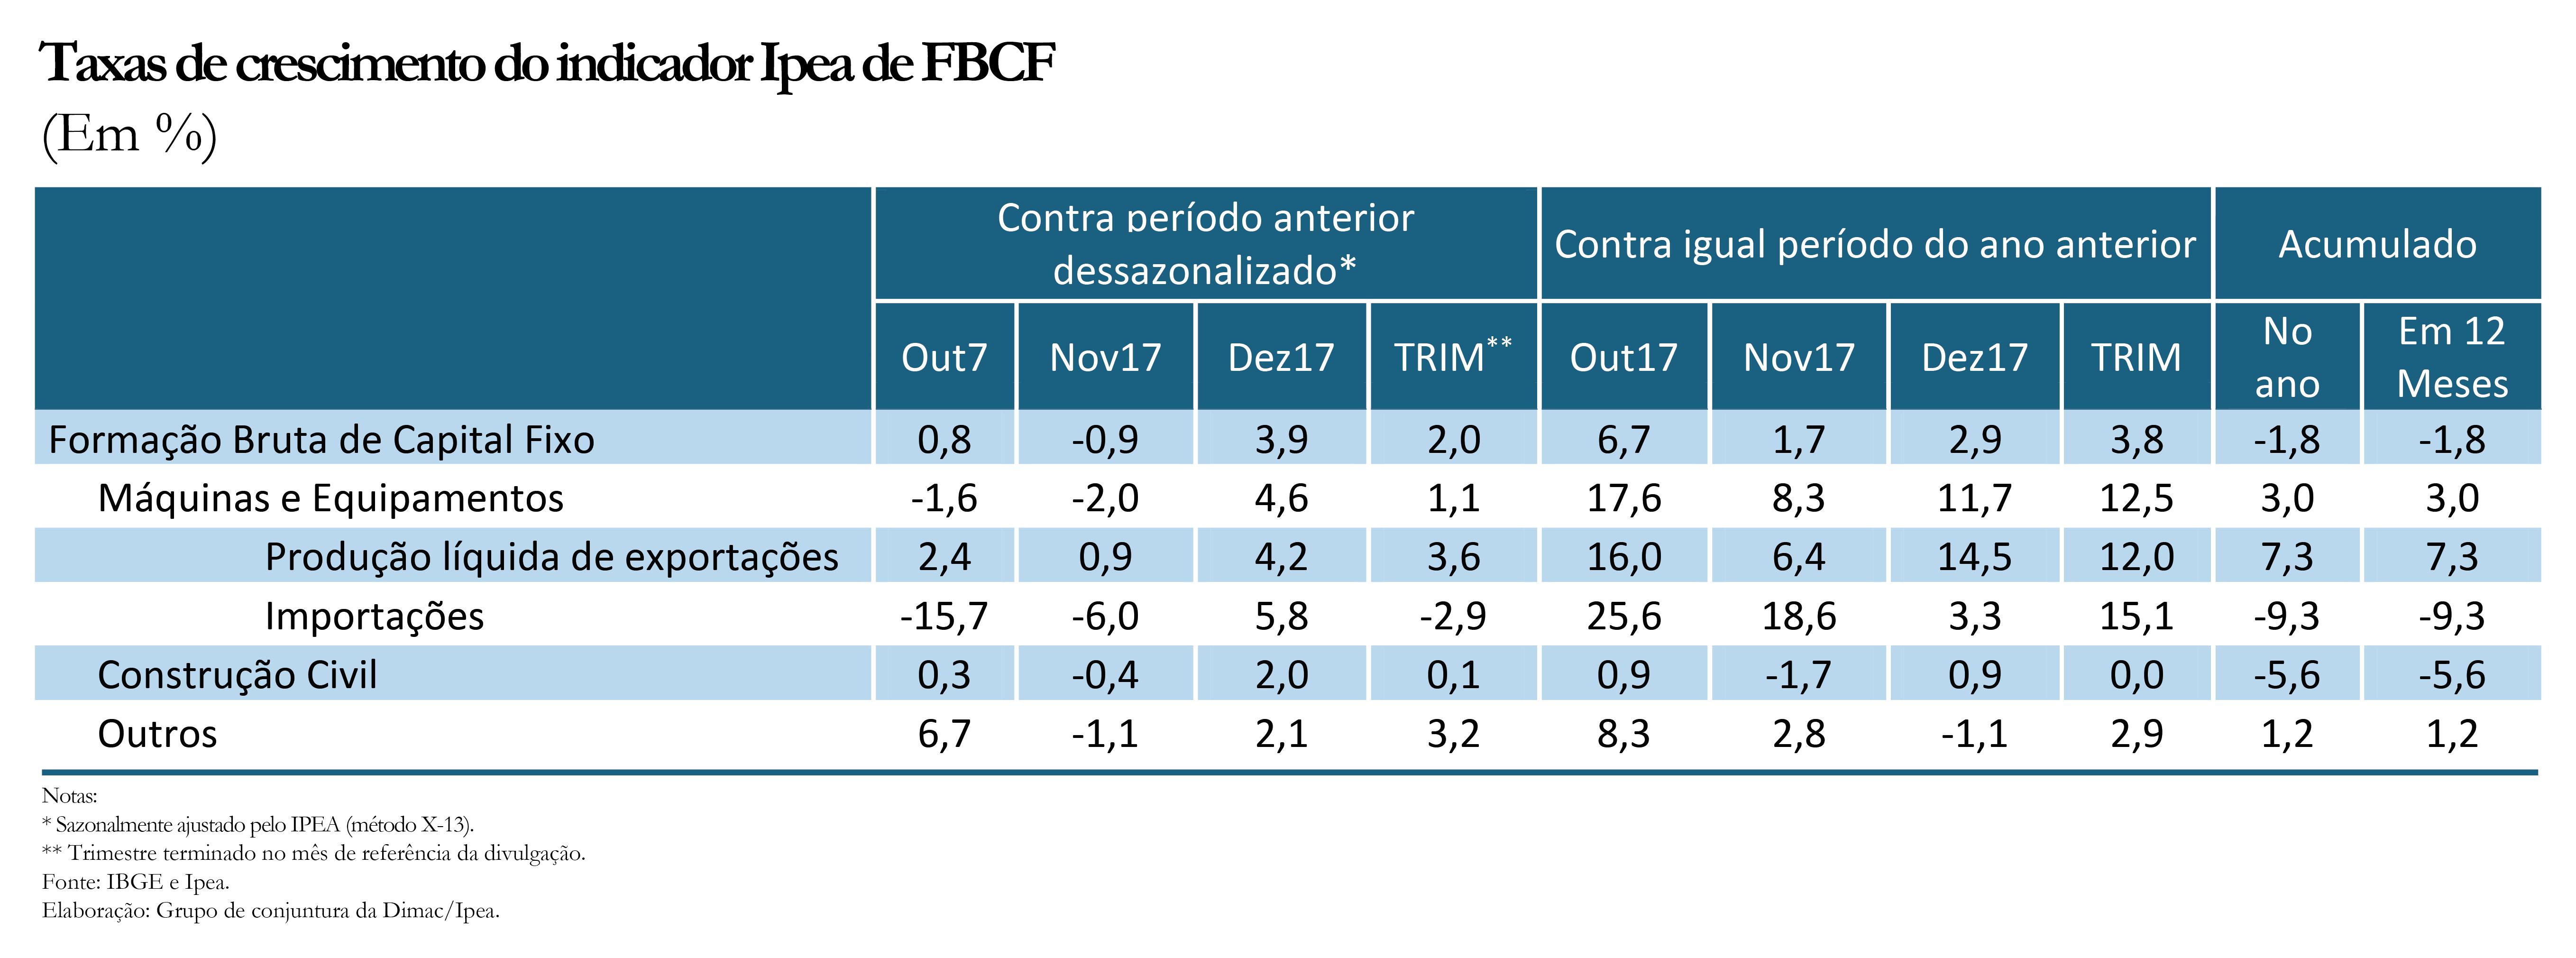 Gráfico indicador Ipea FBCF dez17_ajustado